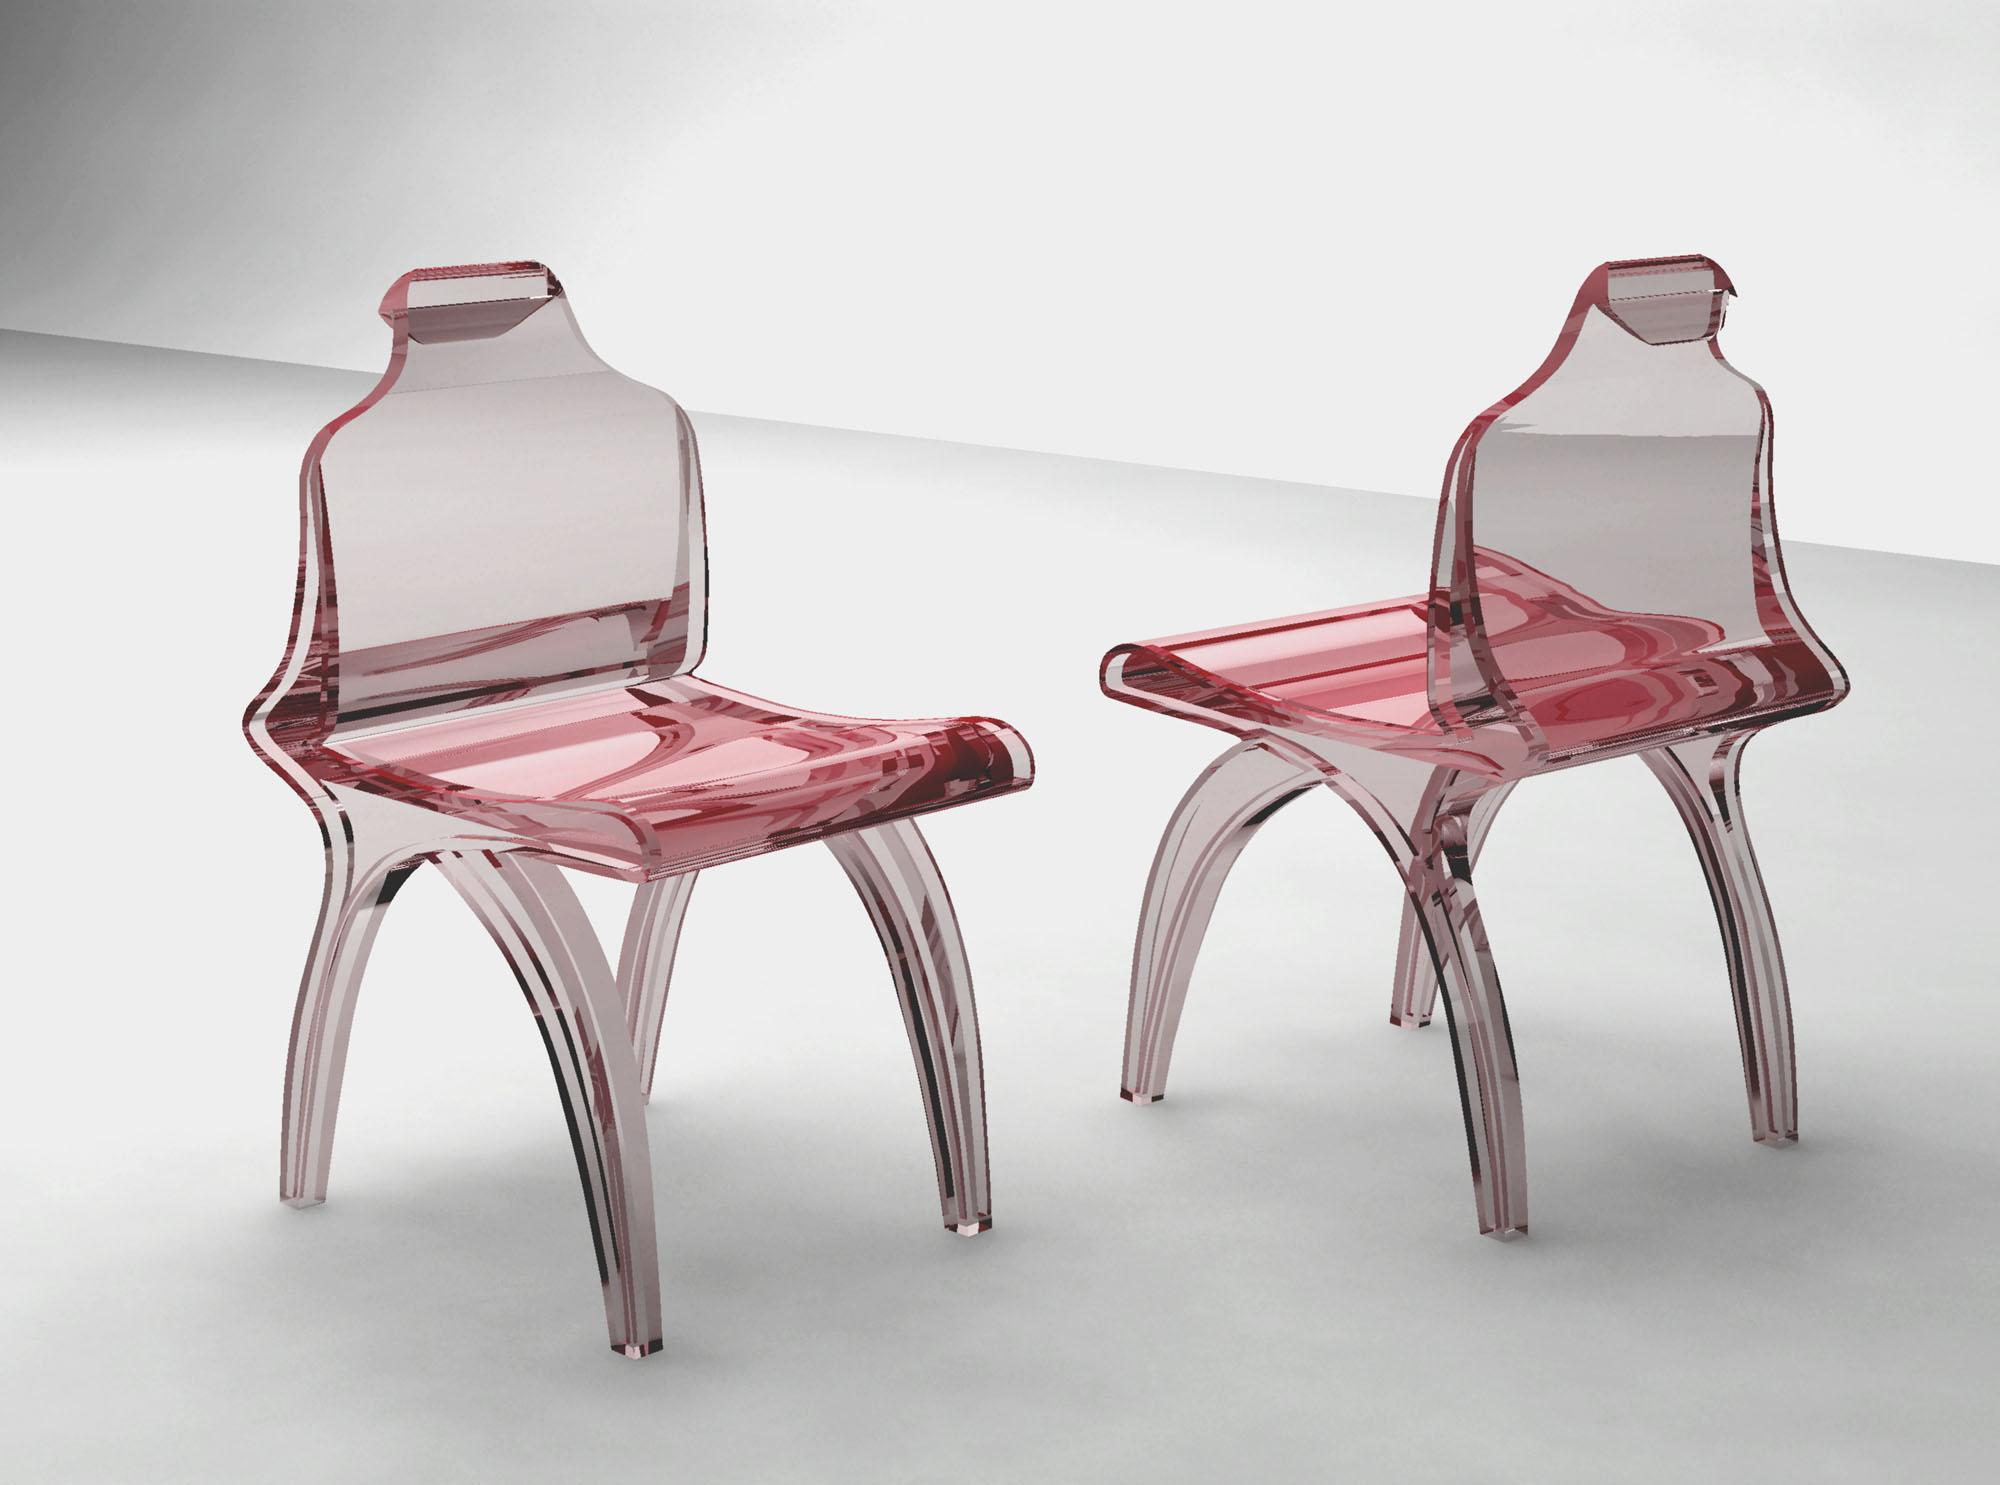 maurizio-balducci-artista-contemporaneo-design-3